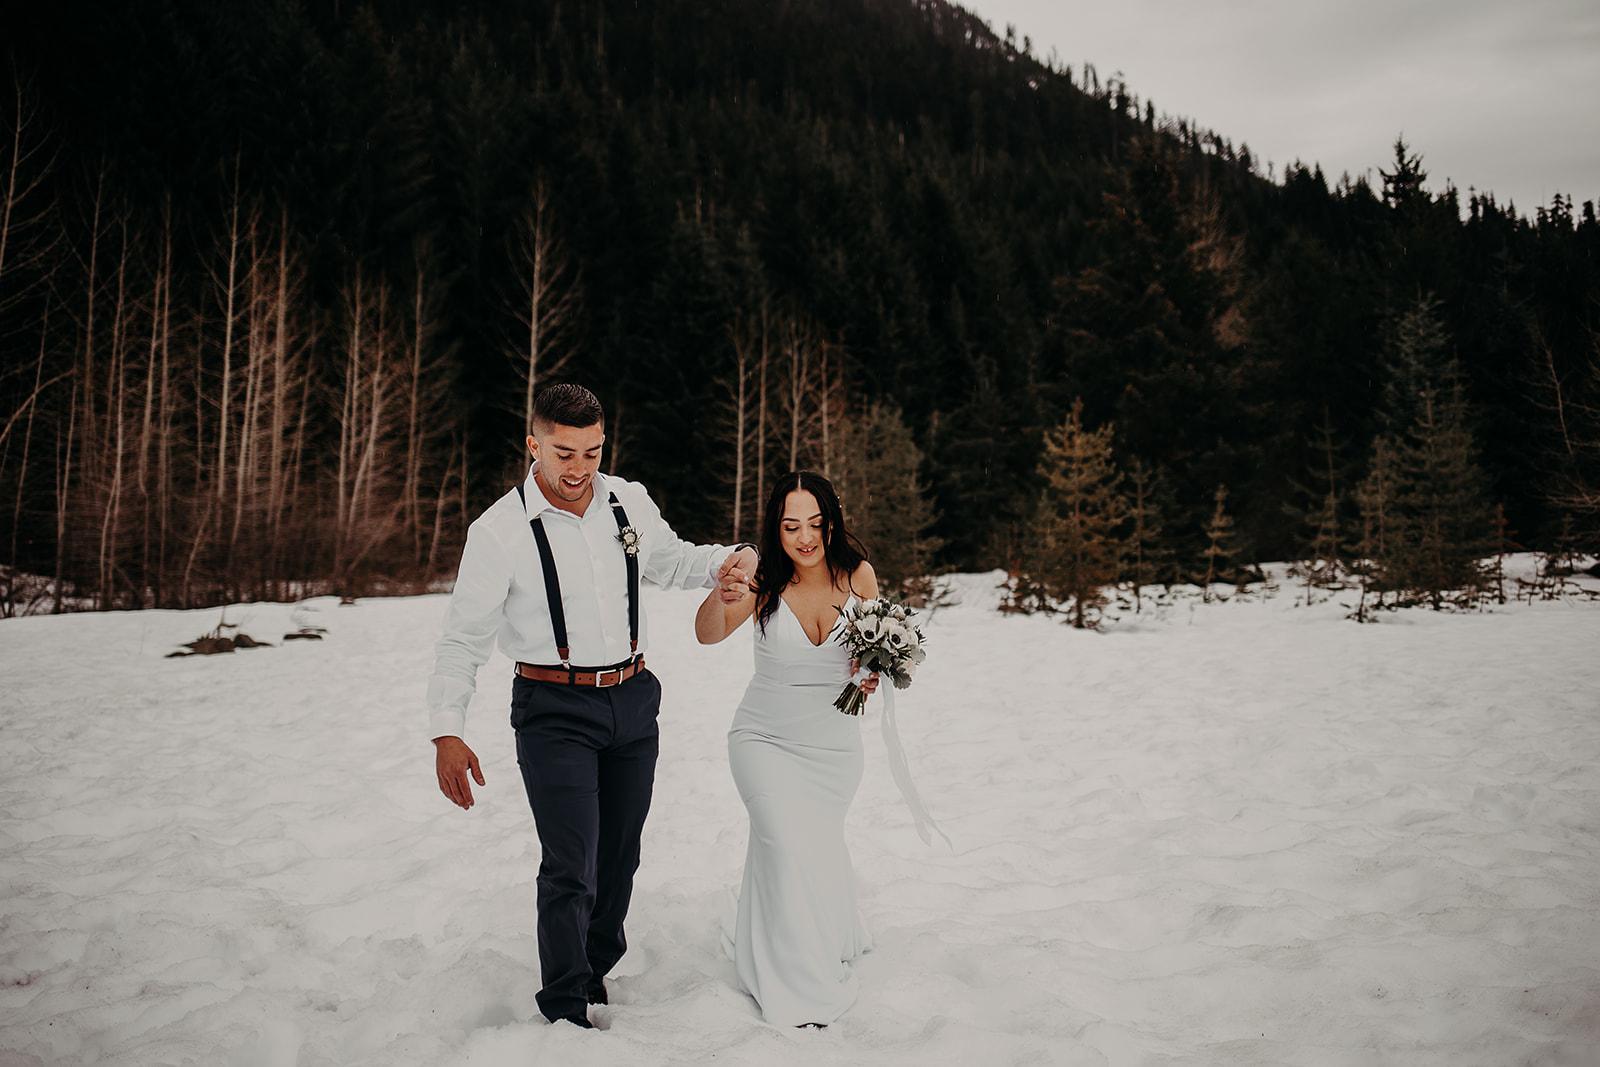 winter-mountain-elopement-asheville-wedding-photographer-megan-gallagher-photographer (16).jpg